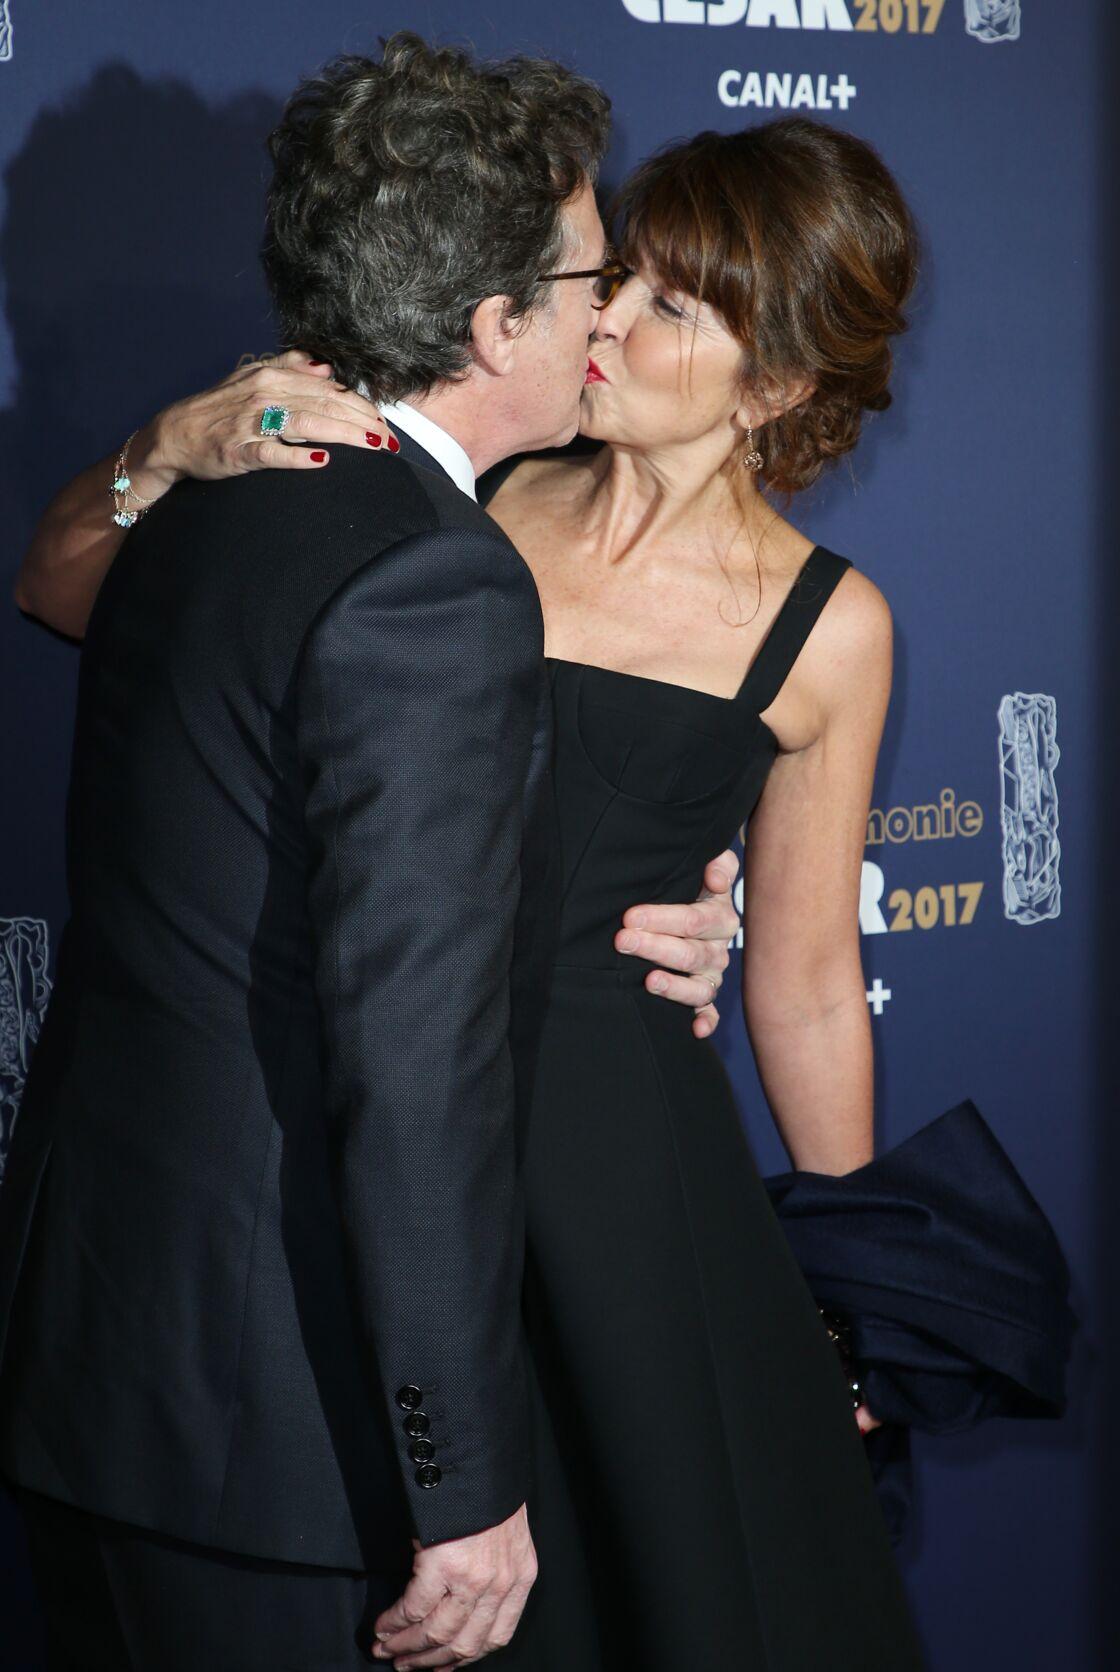 François Cluzet et sa femme Narjiss s'embrassent le 24 février 2017